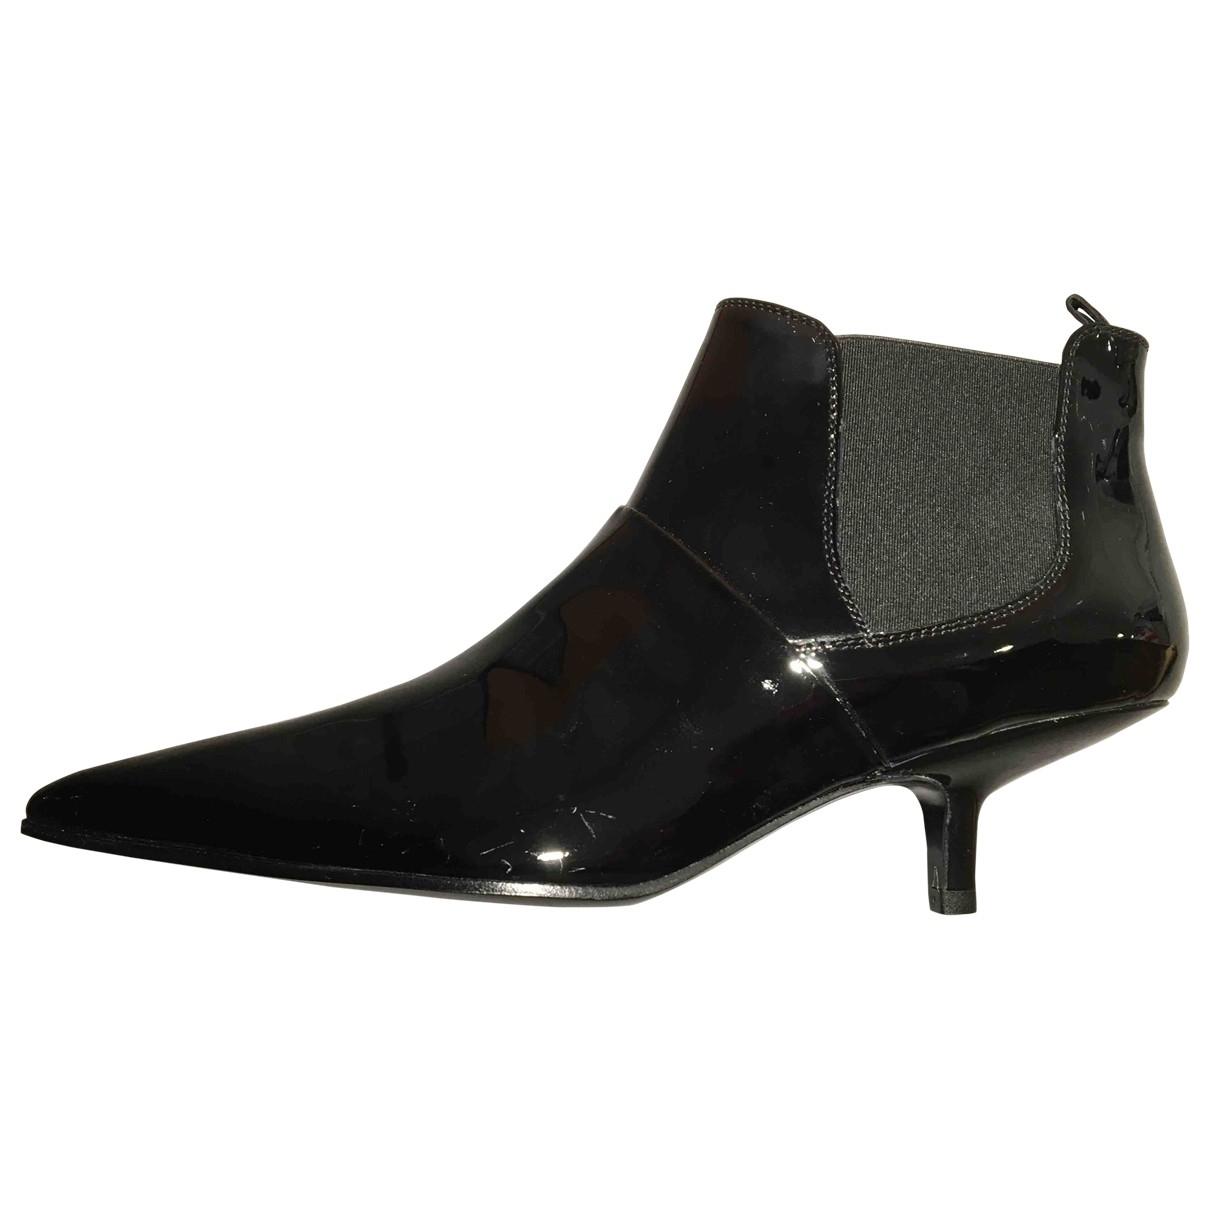 Acne Studios - Boots   pour femme en cuir verni - noir